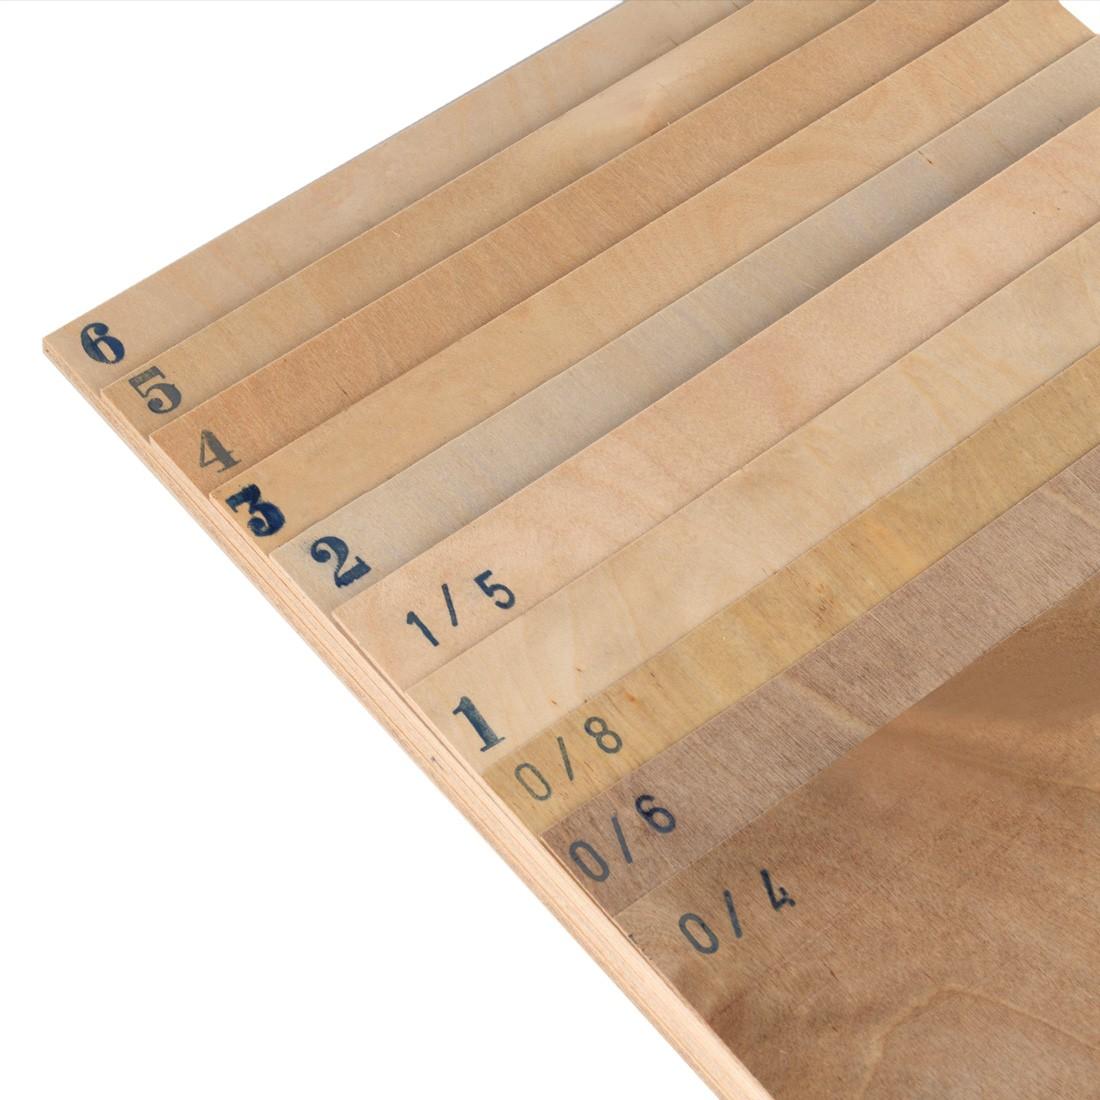 Avio Birch plywood mm.2 cm.61x30 3 plies